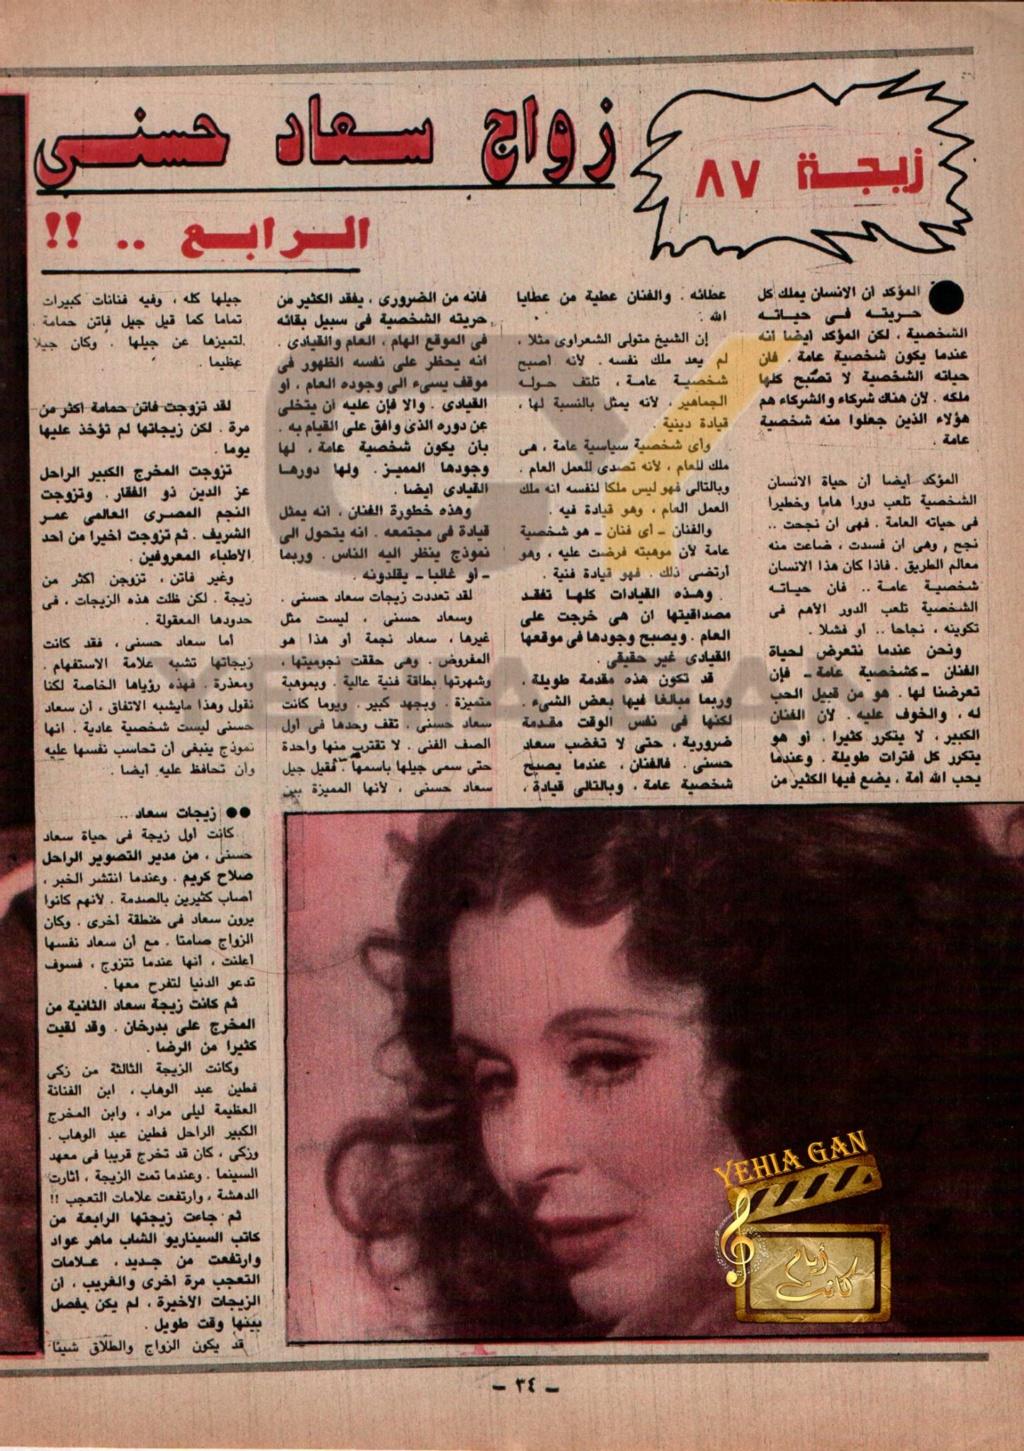 مقال - مقال صحفي : زيجة 87 زواج سعاد حسني الرابع .. !! 1988 م 2198